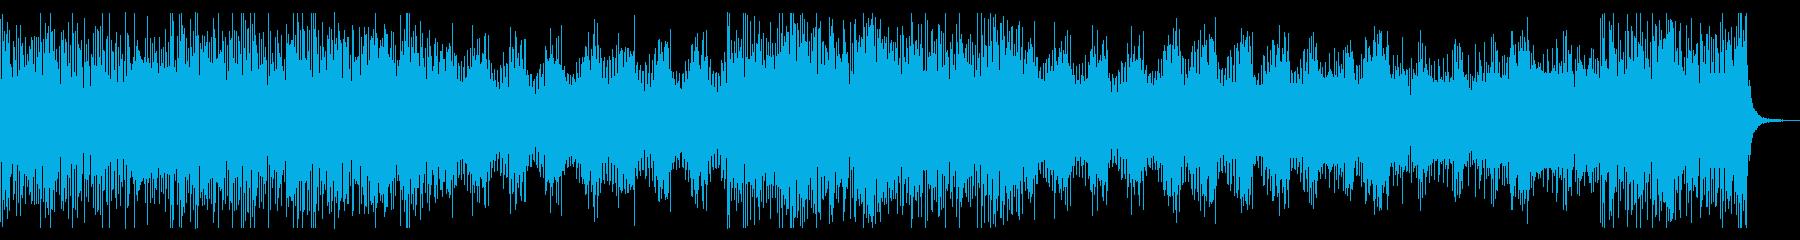 ベース主導のシリアスでダークな曲の再生済みの波形